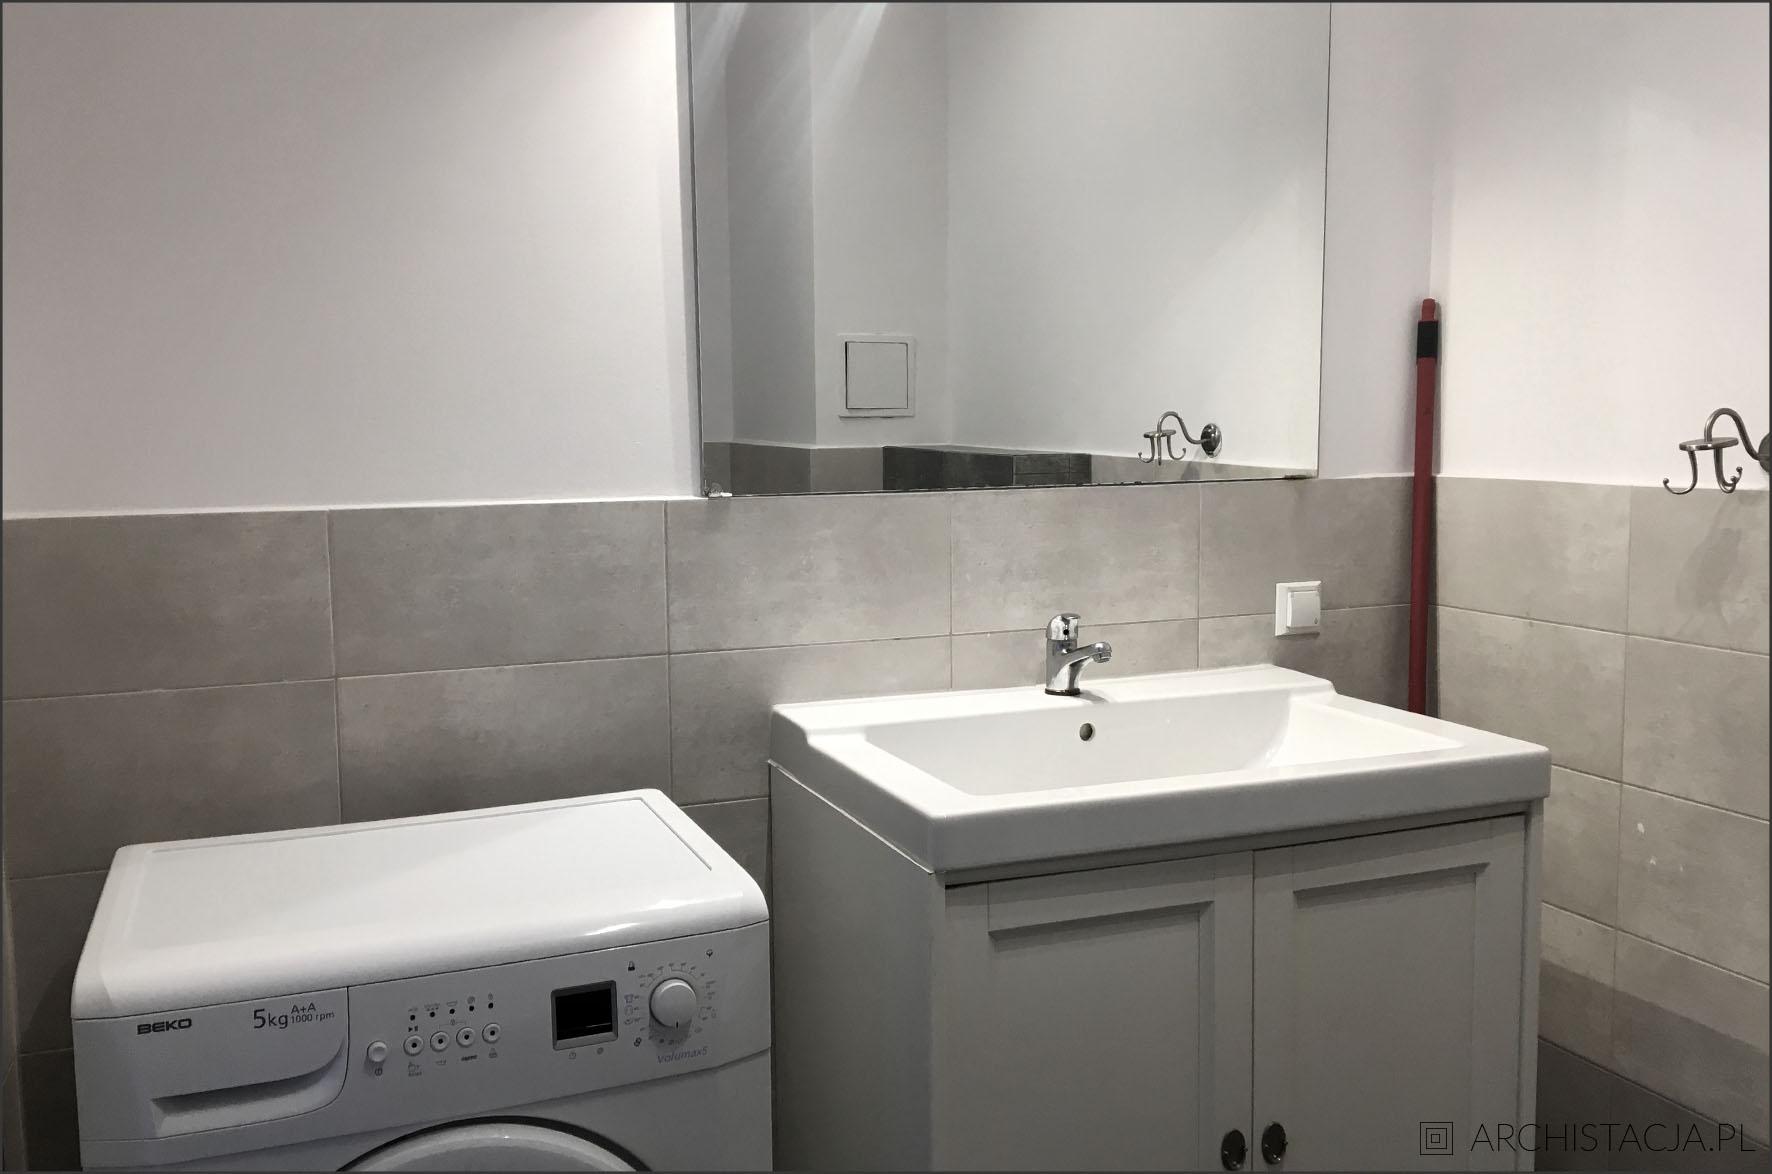 łazienka W Stylu Skandynawskim Archistacjapl